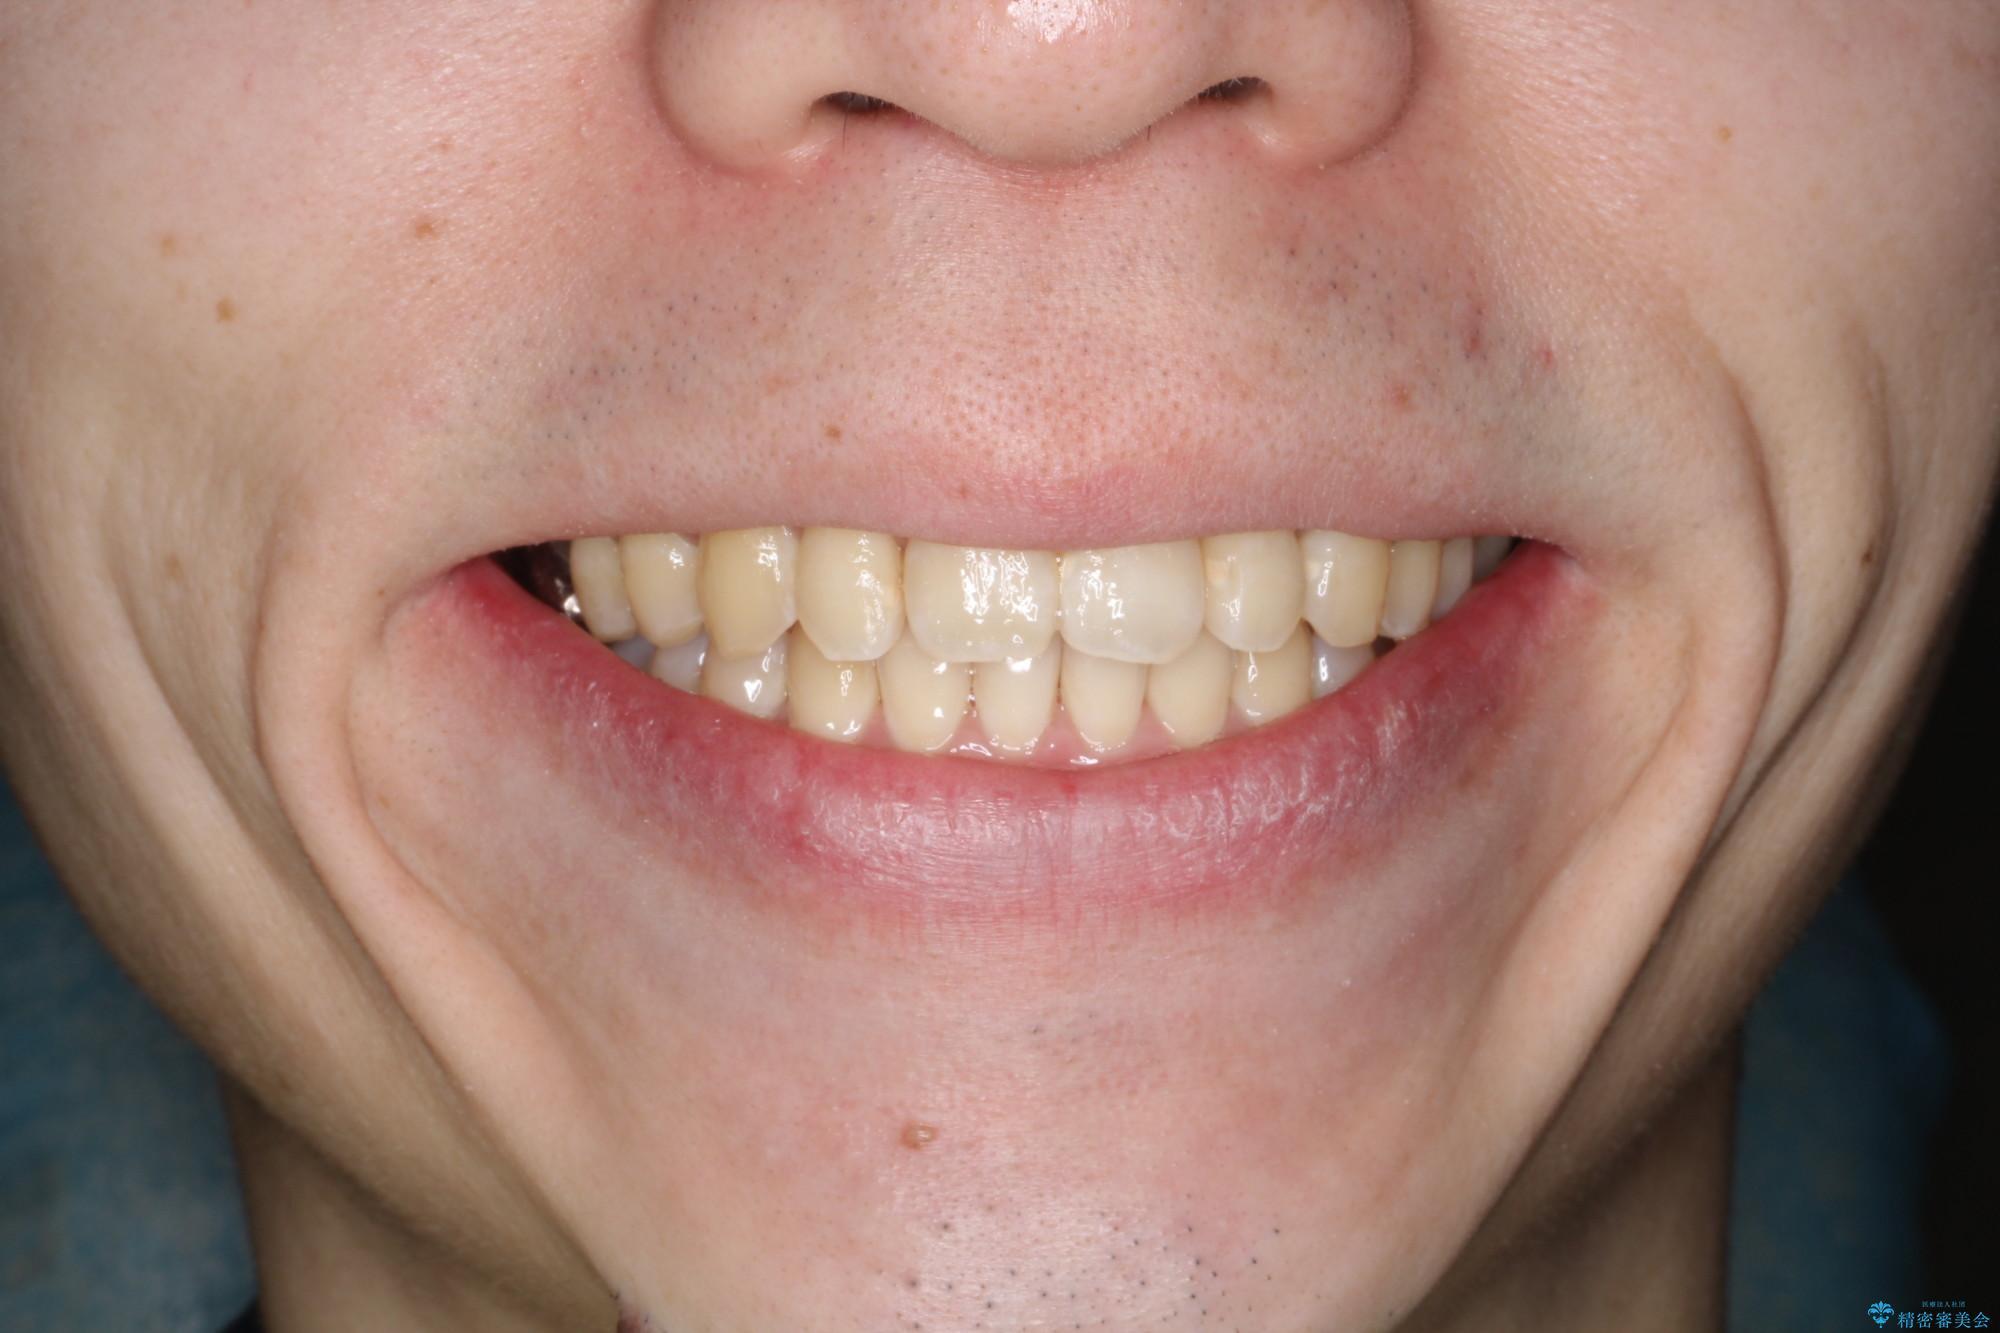 前歯でものが噛み切れない インビザラインによるオープンバイトの治療の治療後(顔貌)